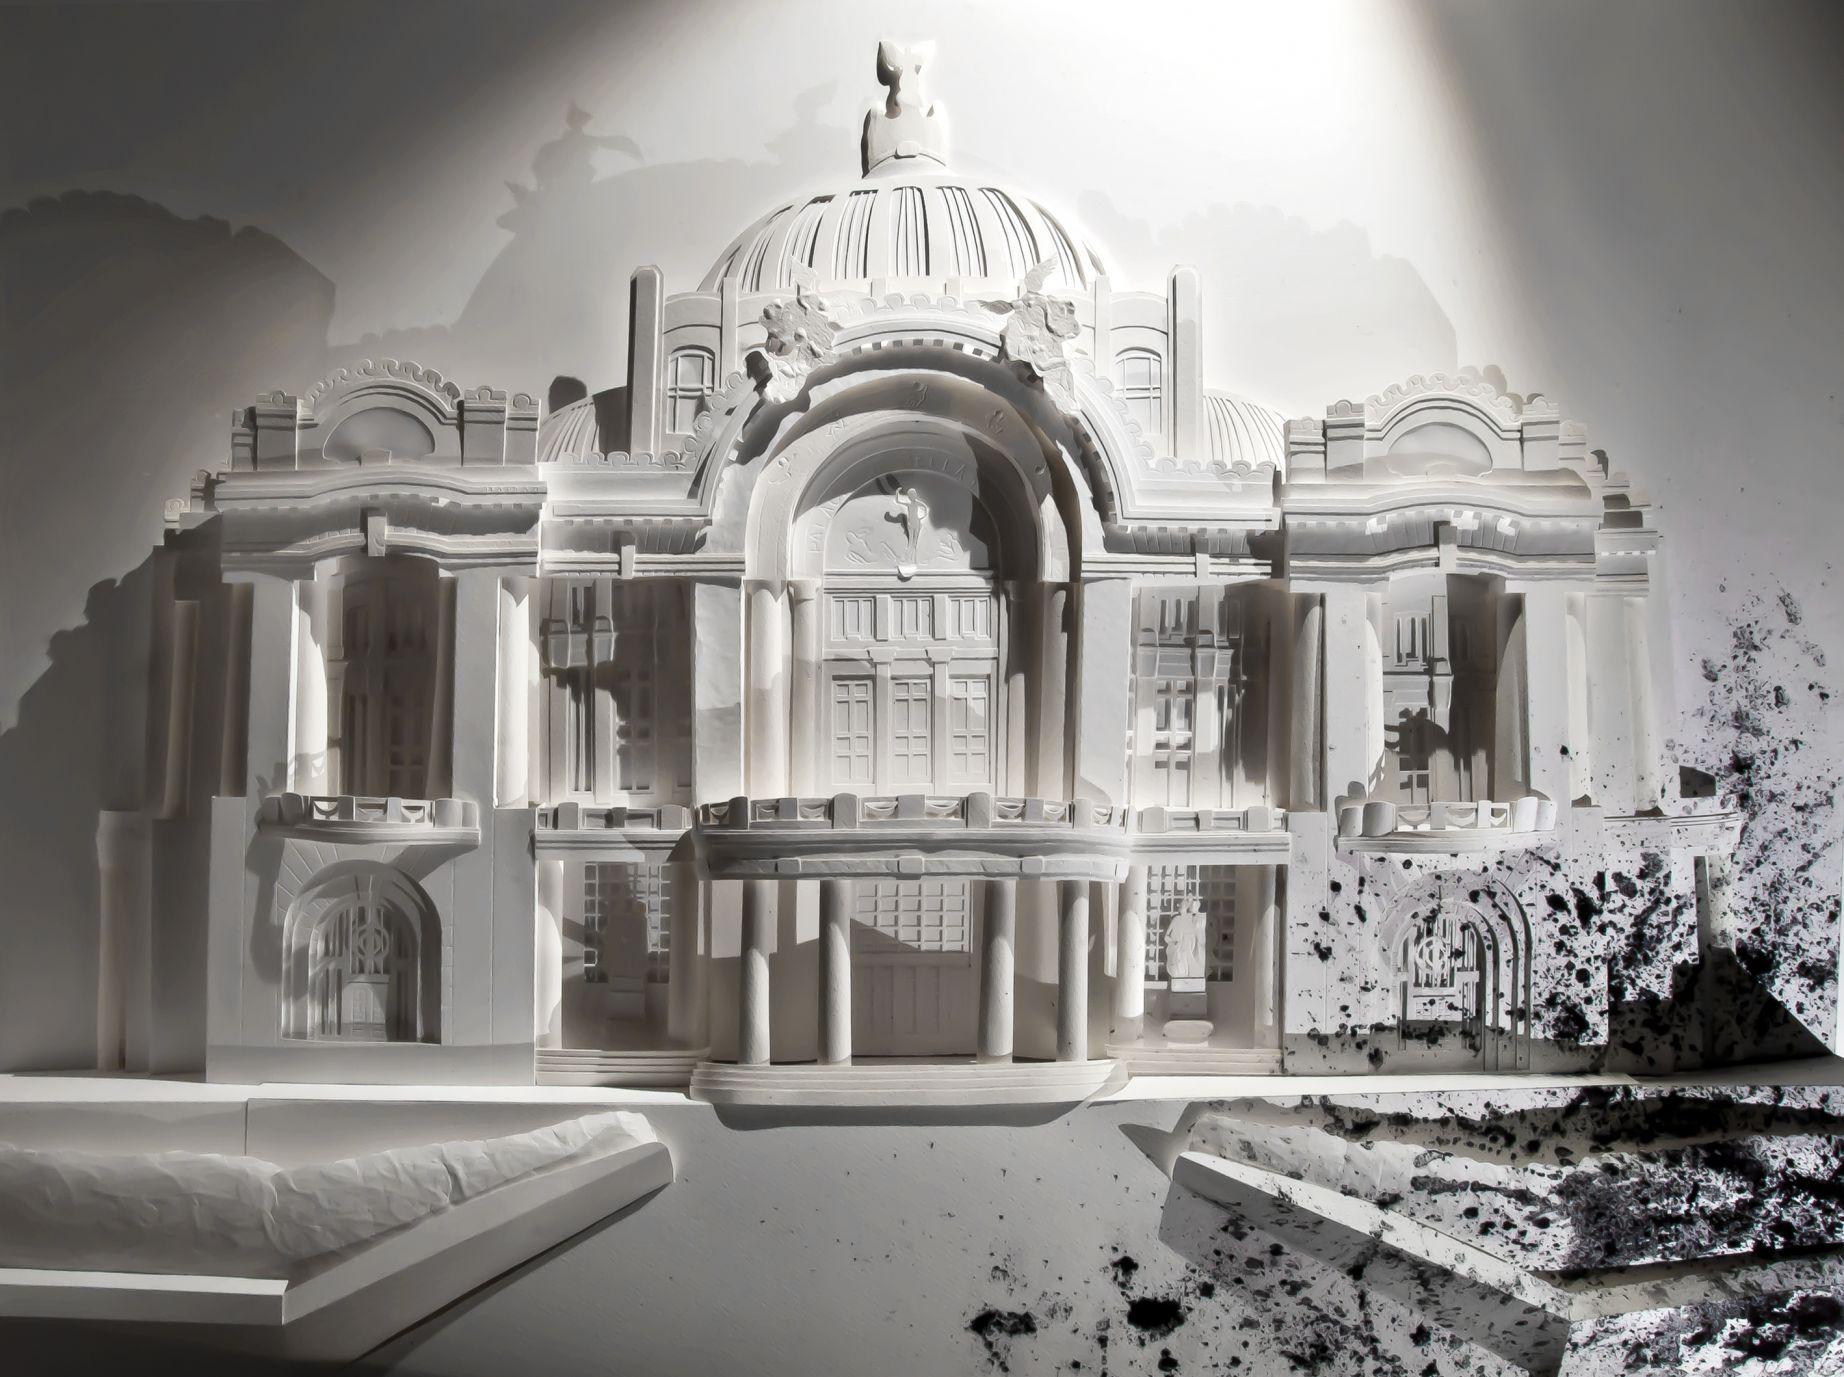 Palacio de Bellas Artes (2017) - Nolvenn Le Goff